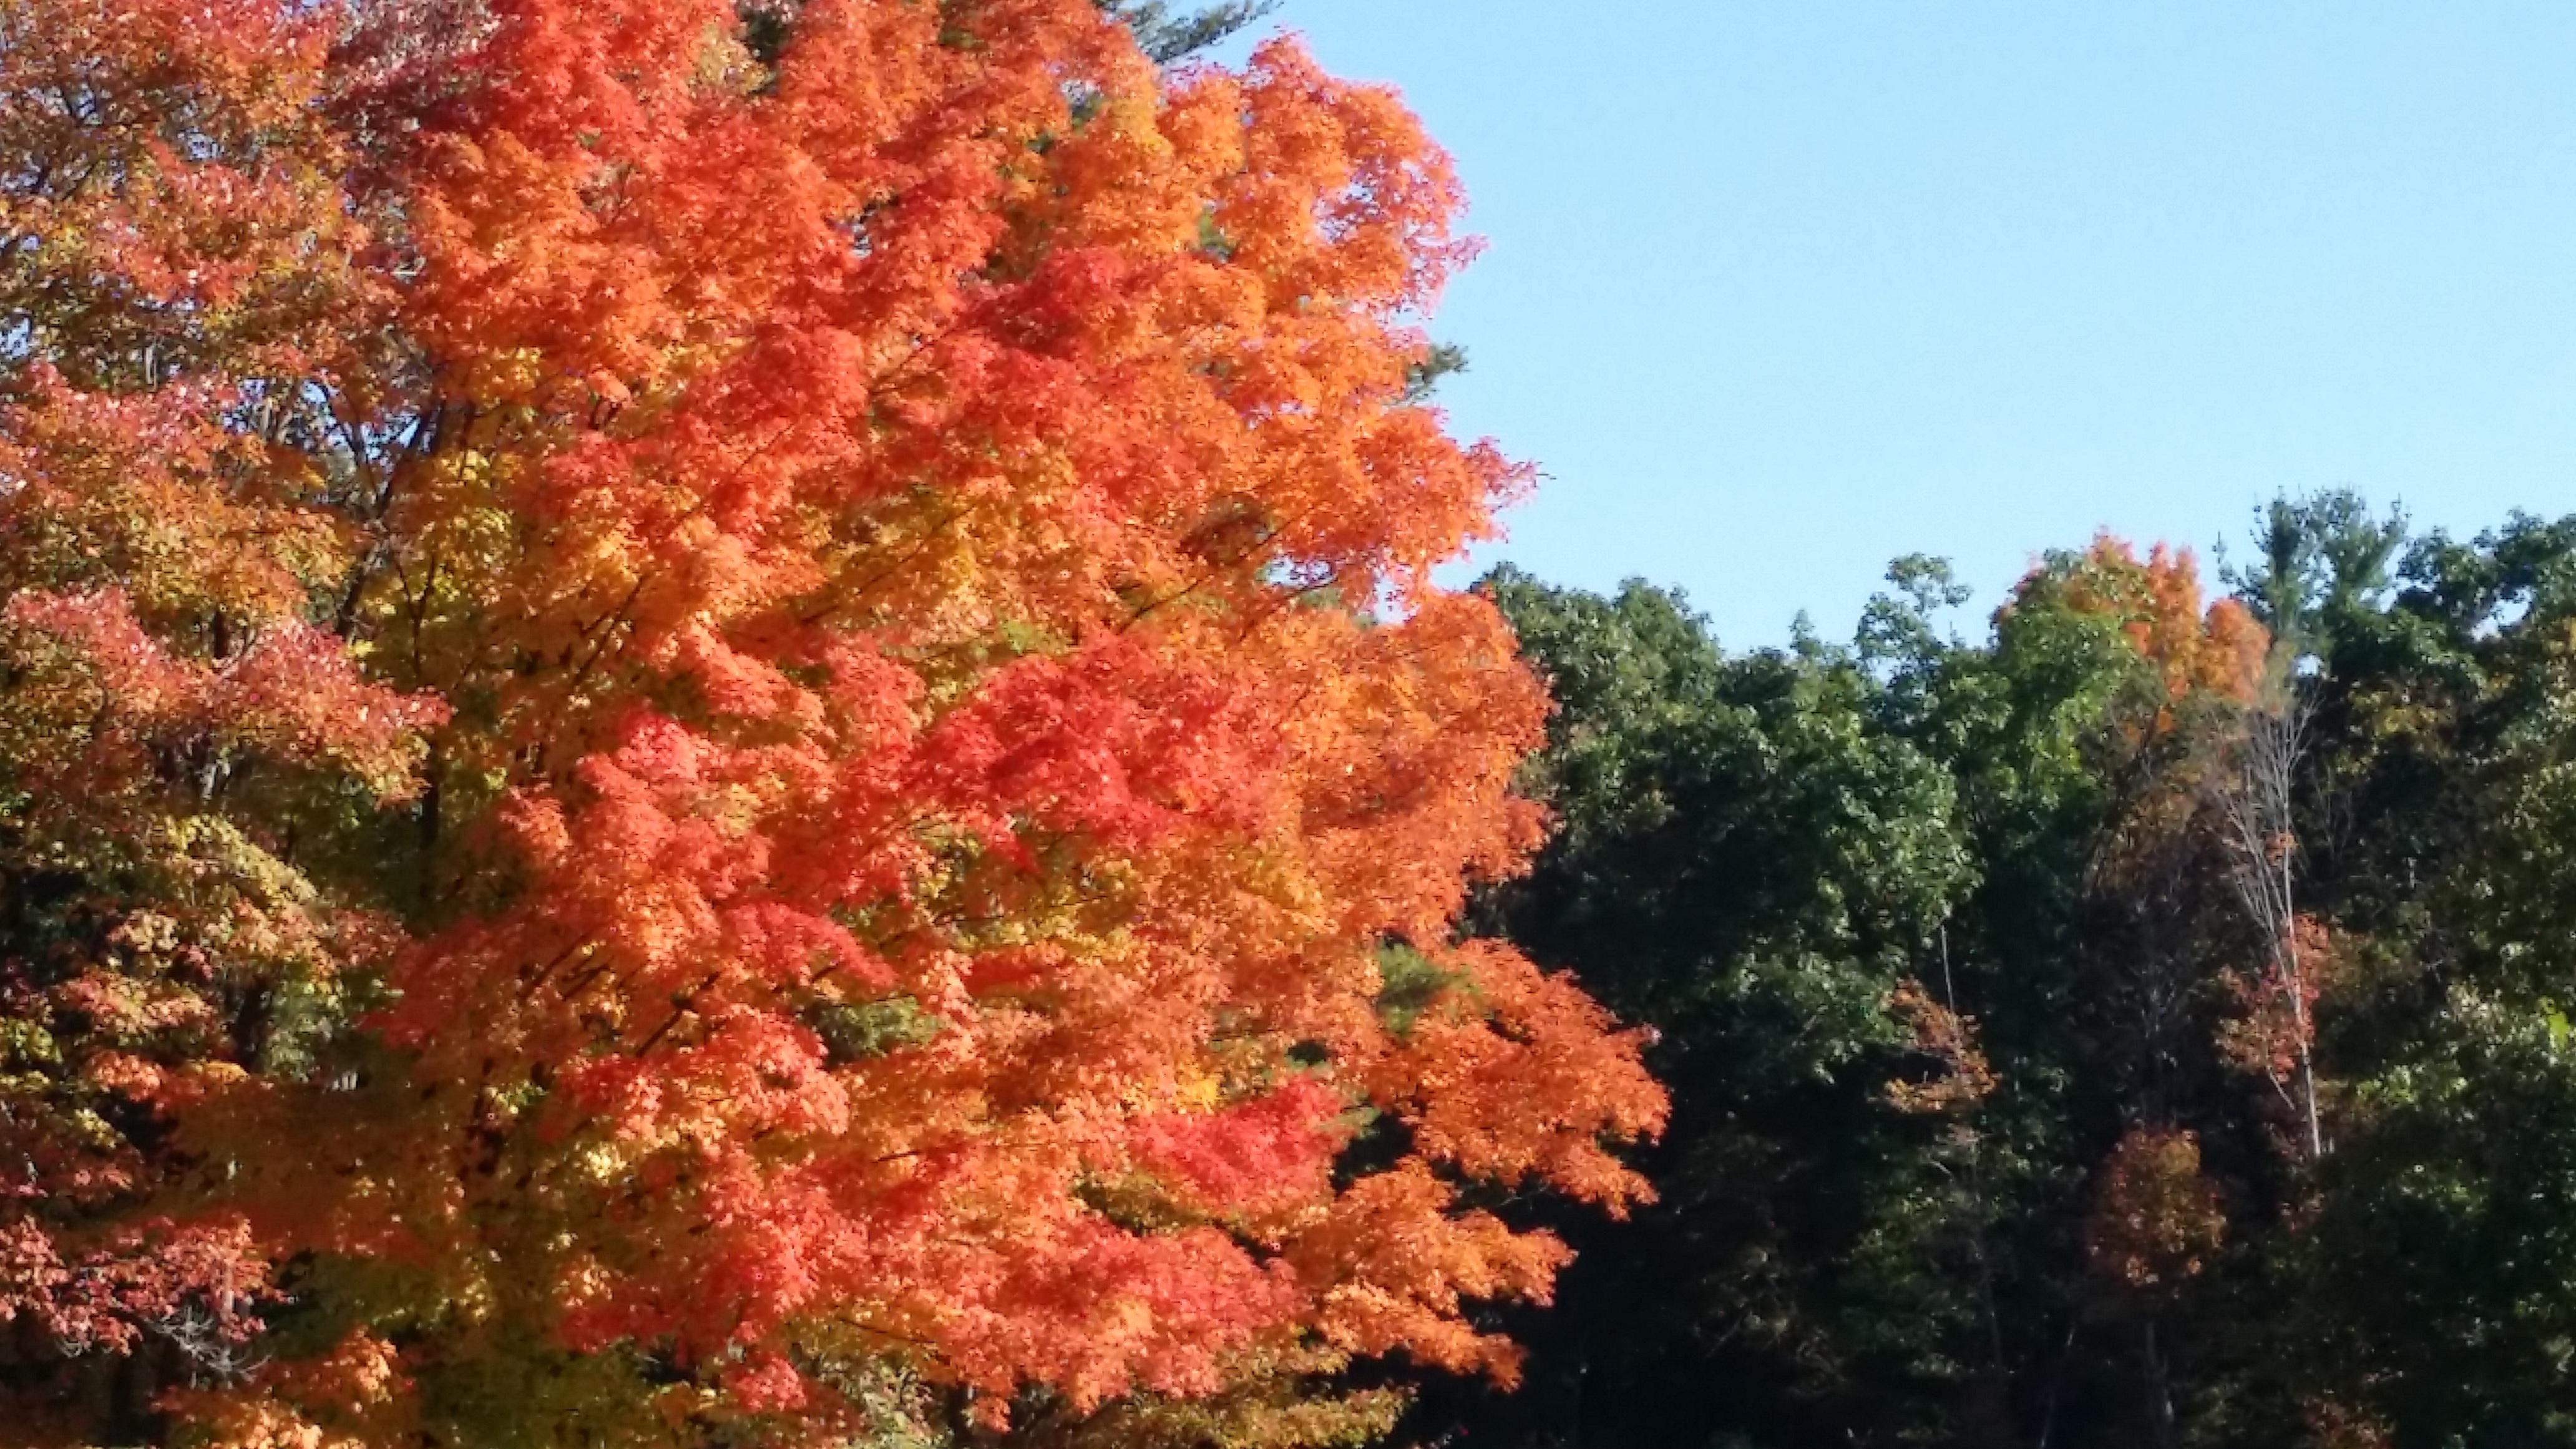 Célèbre Images Gratuites : arbre, la nature, de plein air, branche  BI73